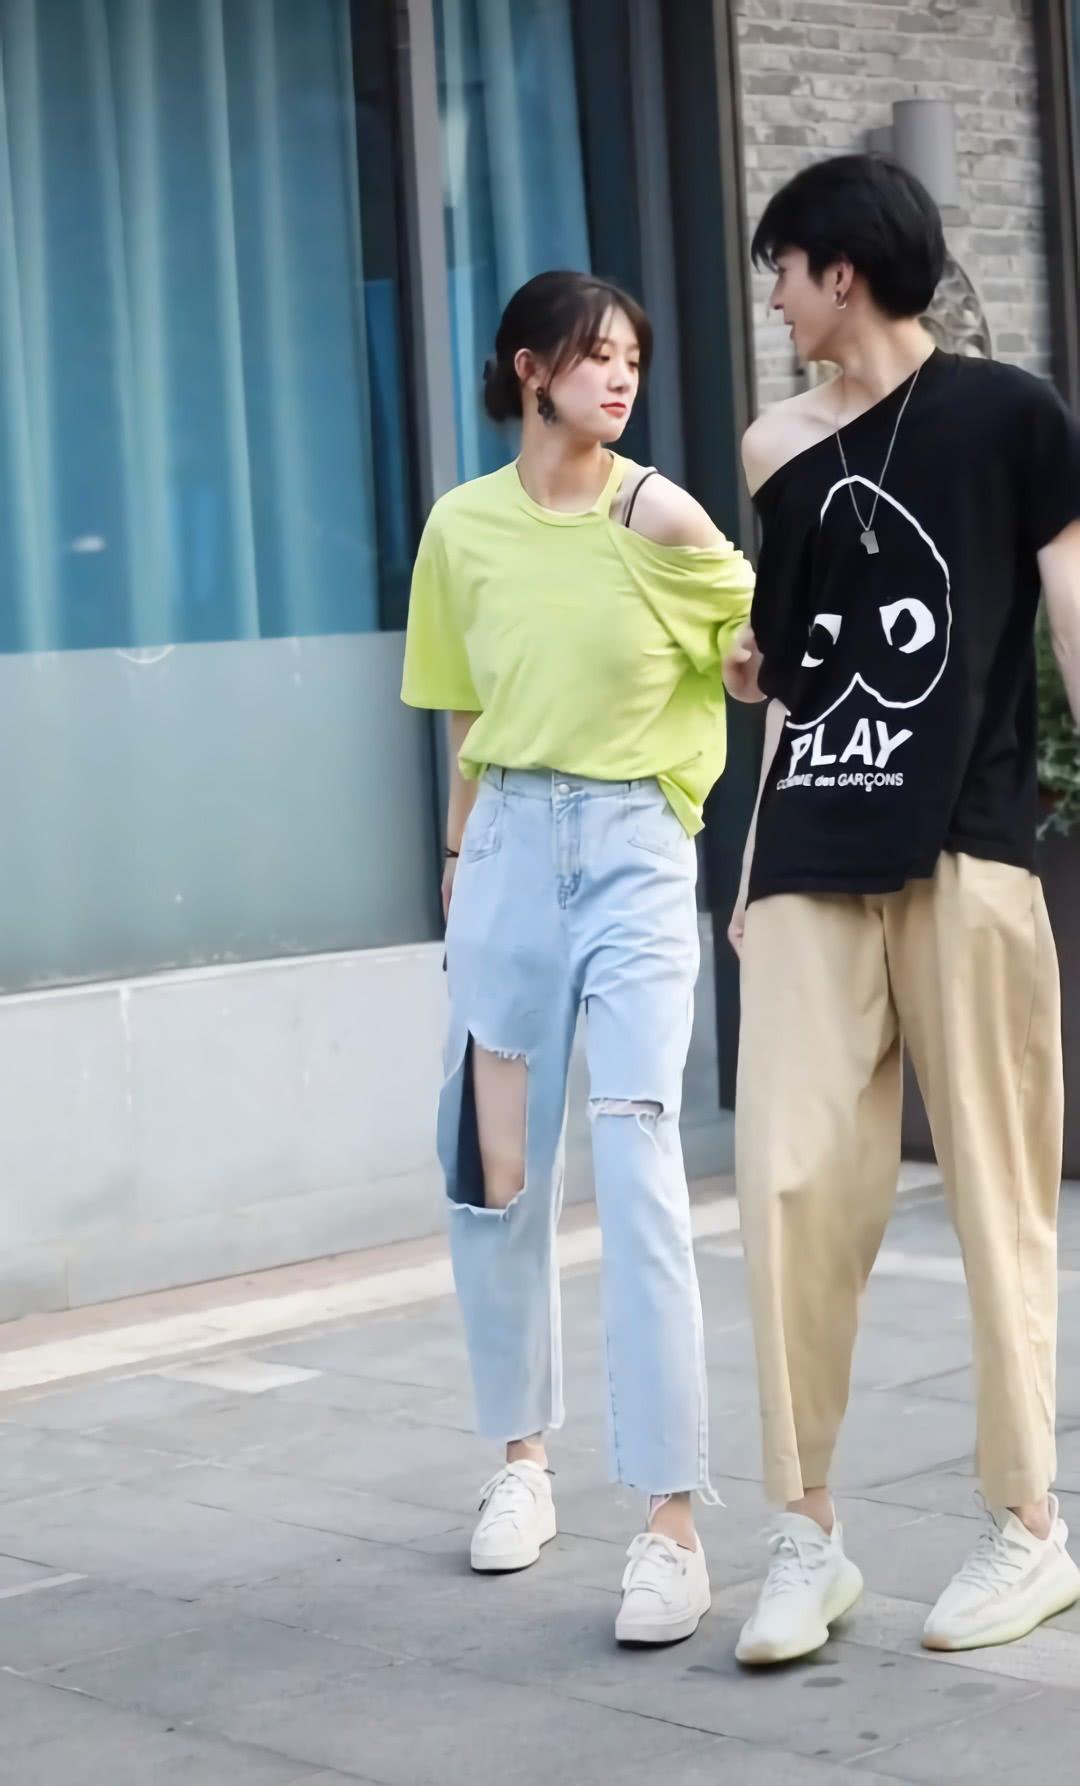 """现在女孩都喜欢这种""""大破洞裤""""?看着怪怪的,但凉快是真的"""